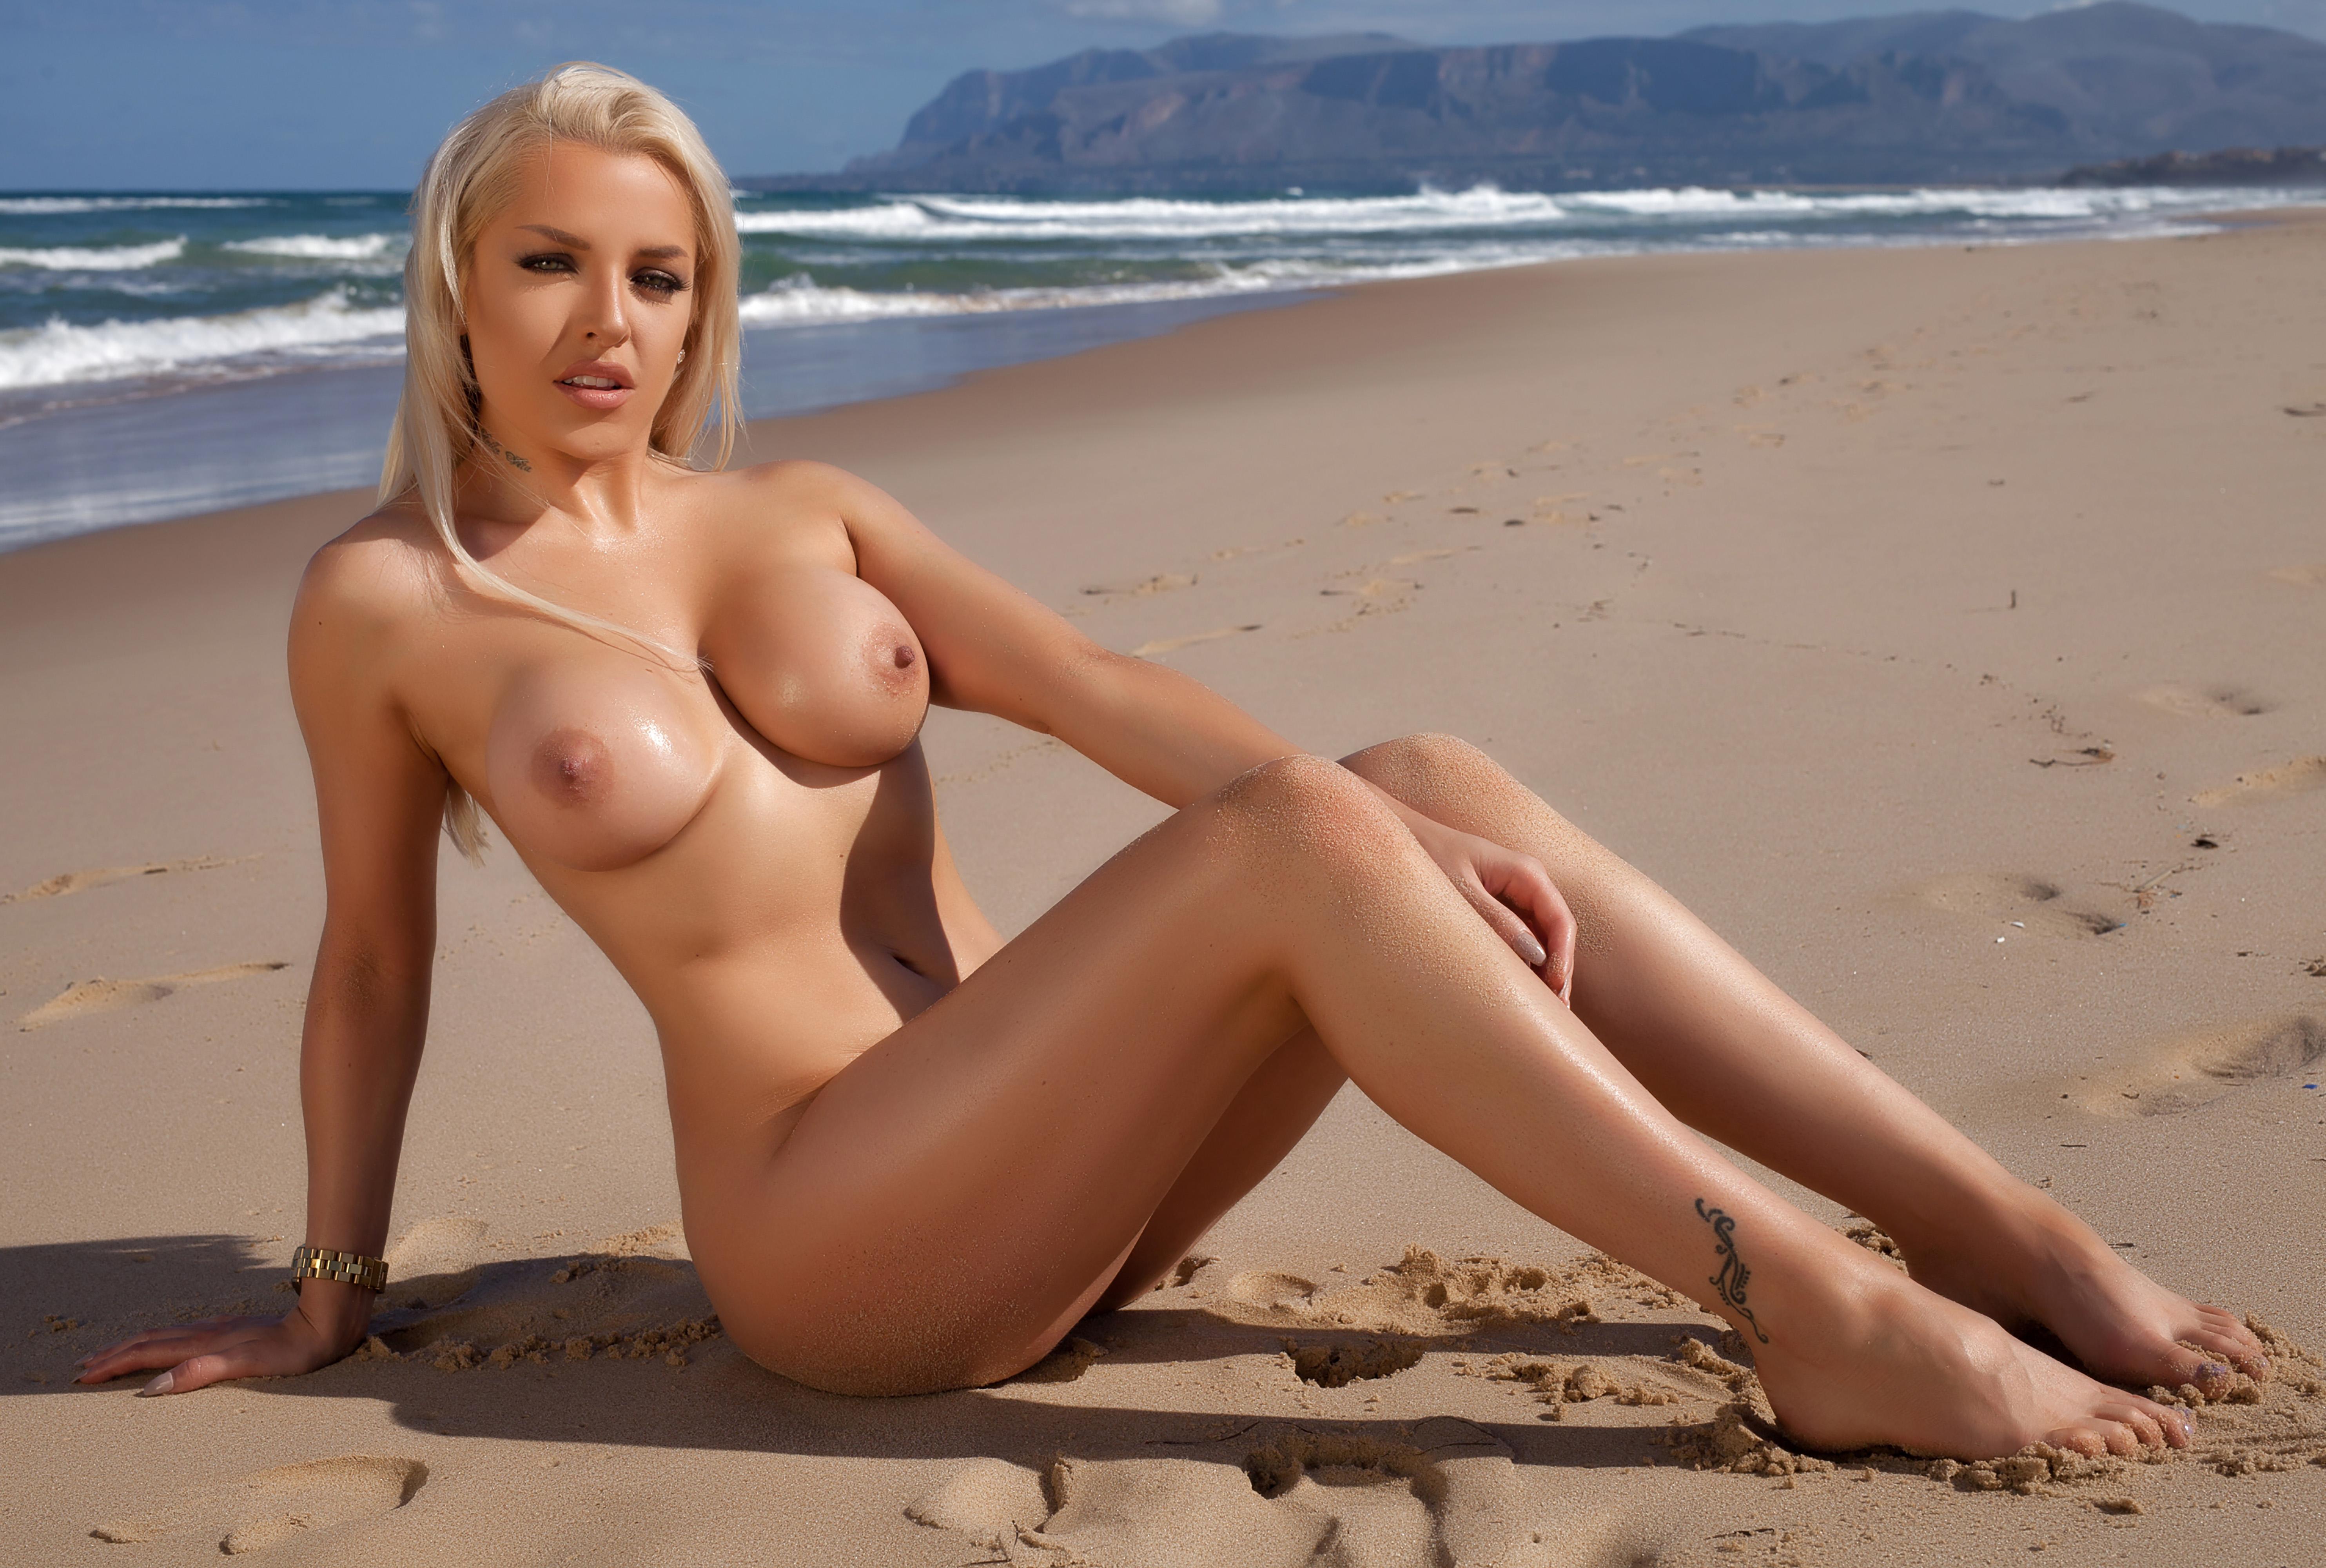 Wallpaper Yasmin, Blonde, Beach, Sand, Sea, Sun -6893